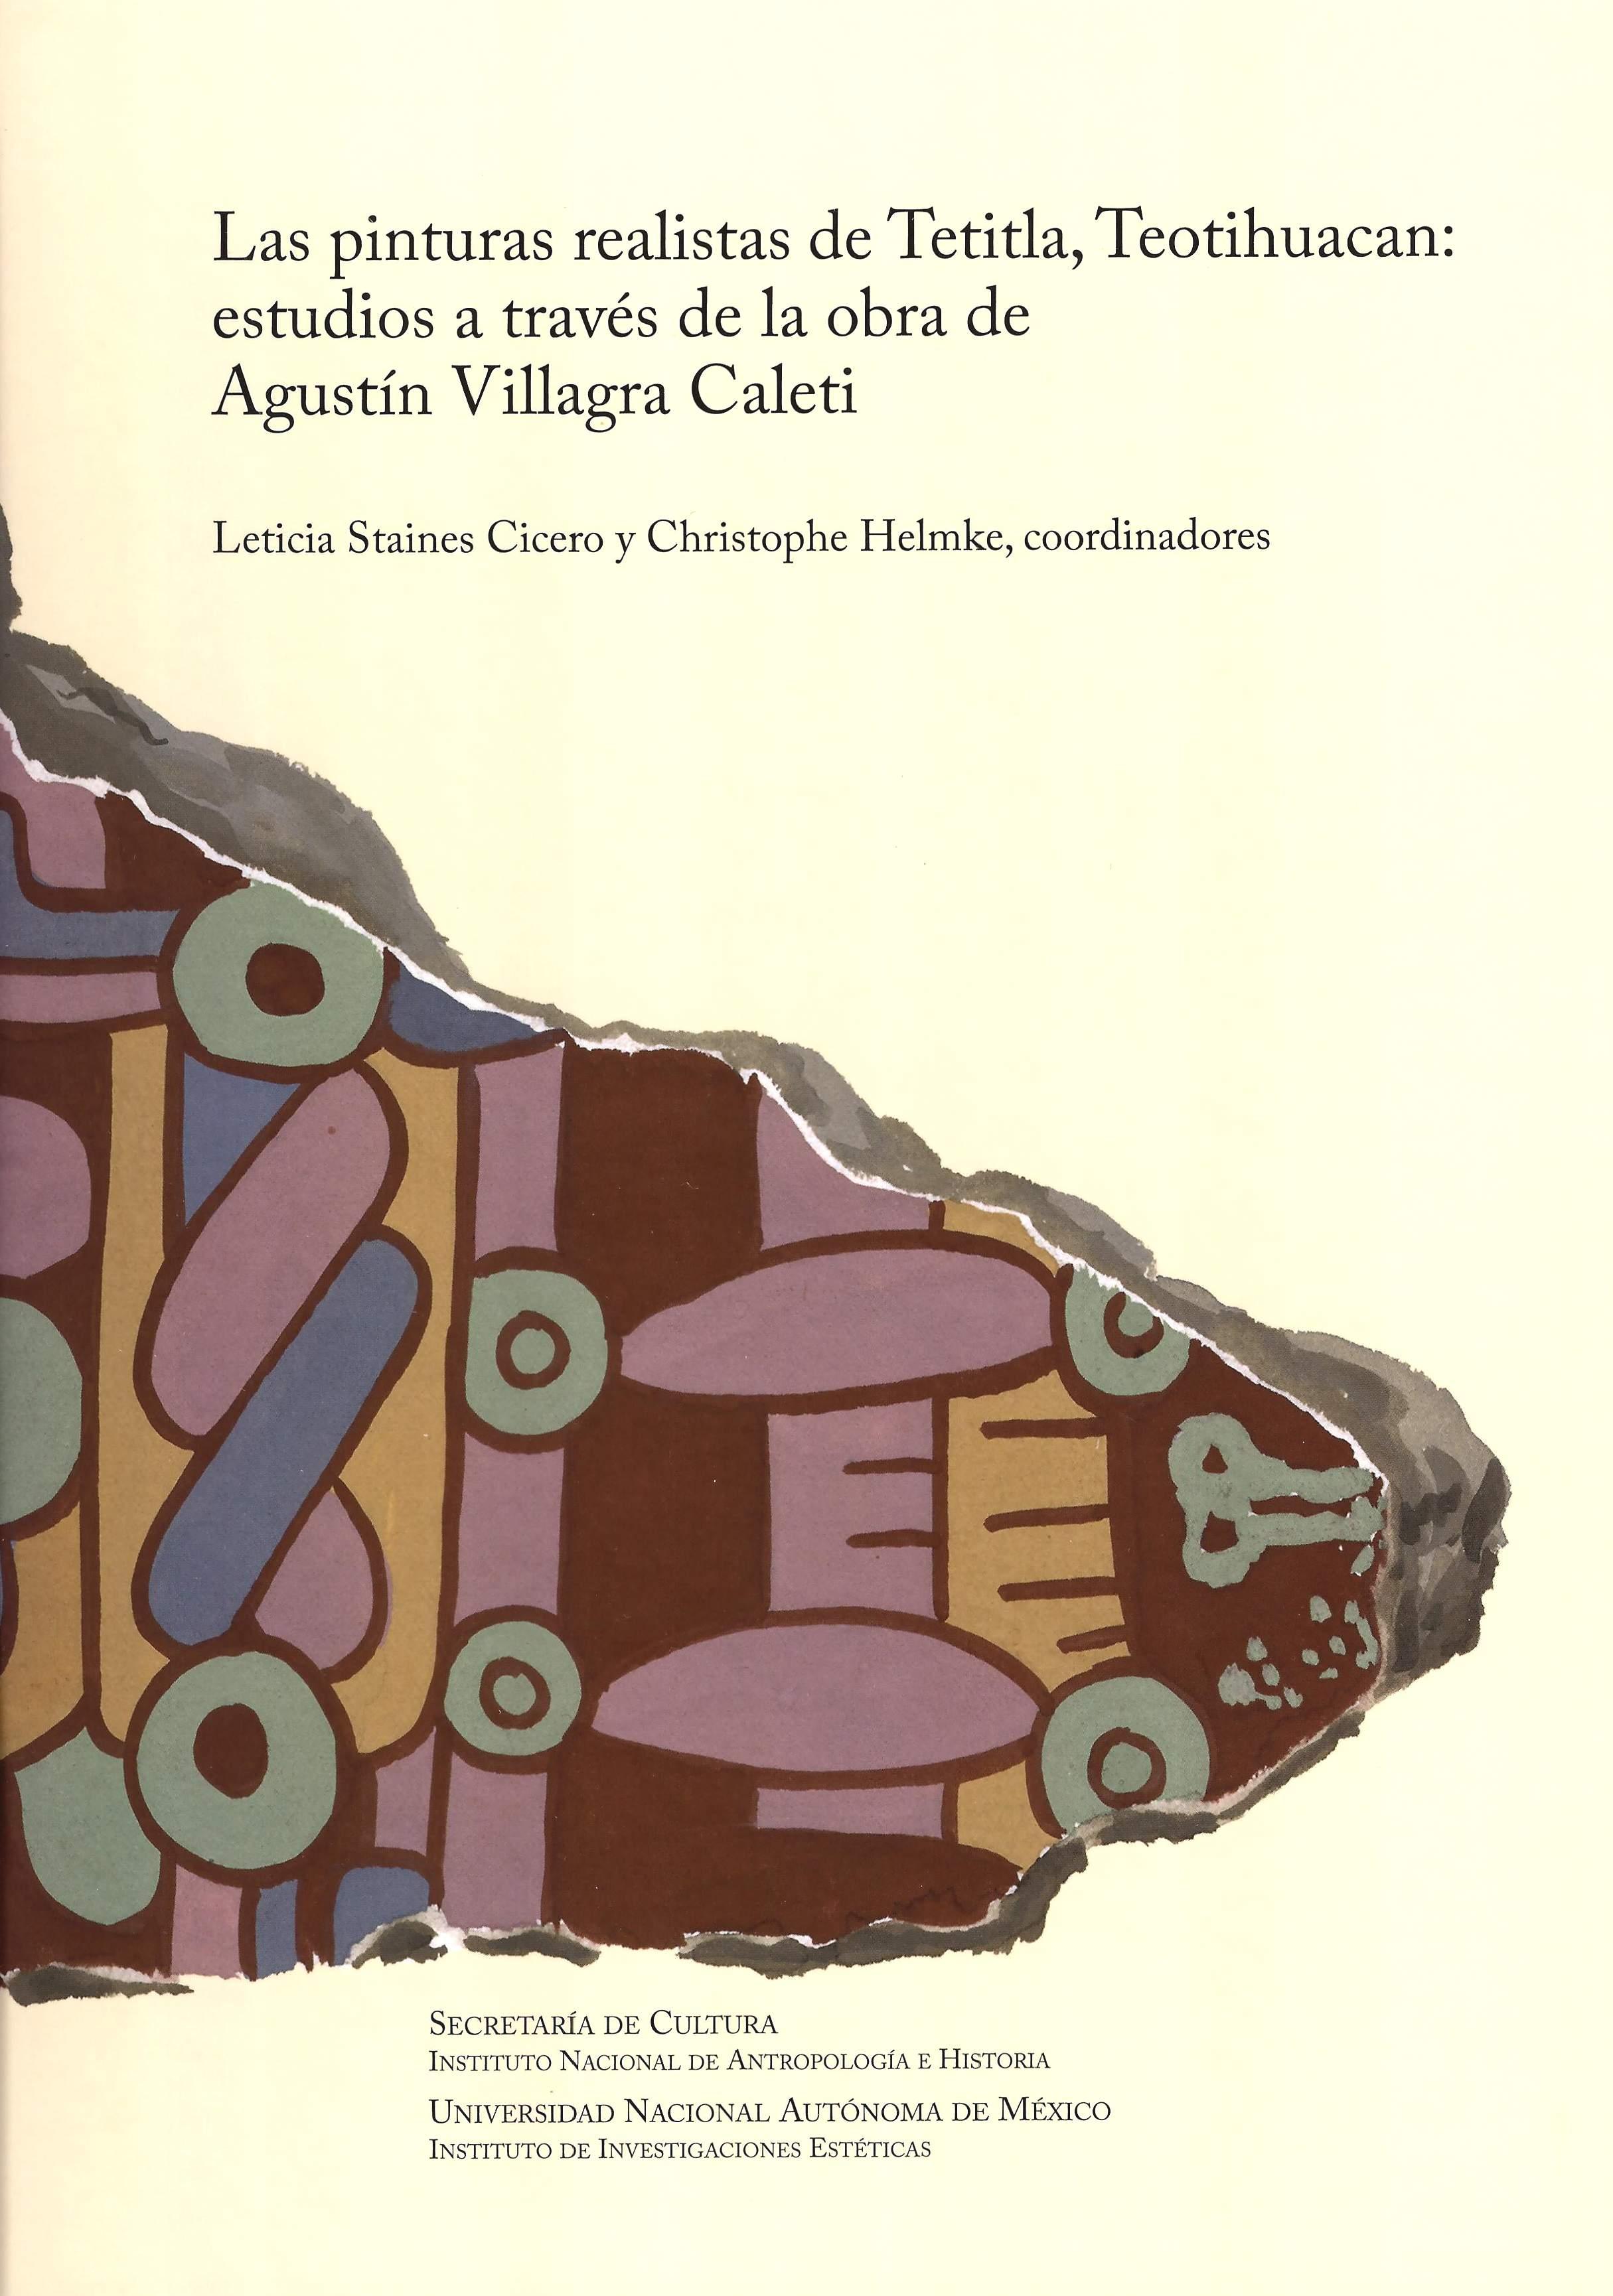 Las pinturas realistas de Tetitla, Teotihuacan: estudios a través de la obra de Agustín Villagra